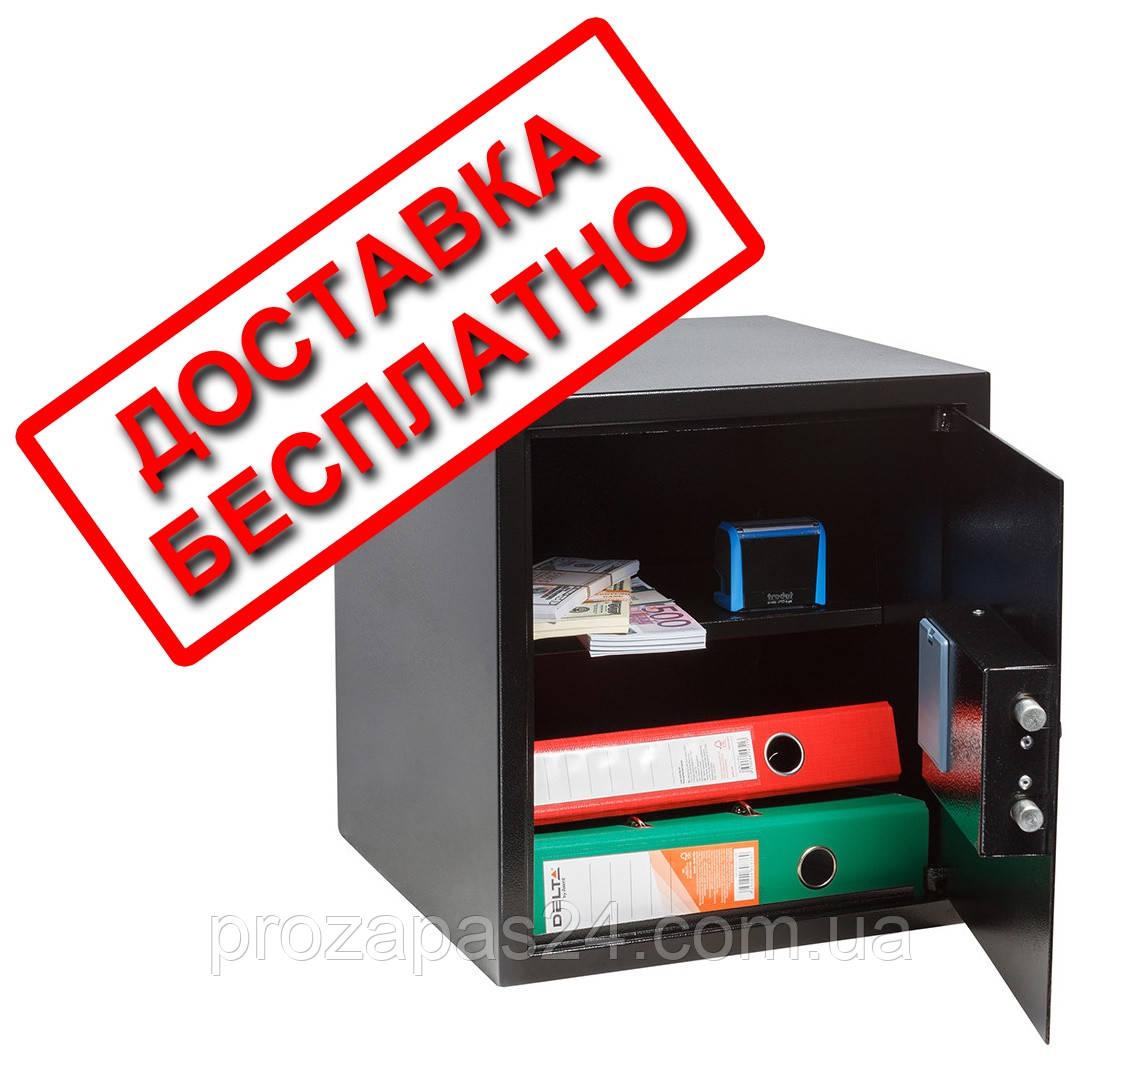 Сейф мебельный черный СМЕ-3610 для дома офиса ВхШхГ 38х35х36см